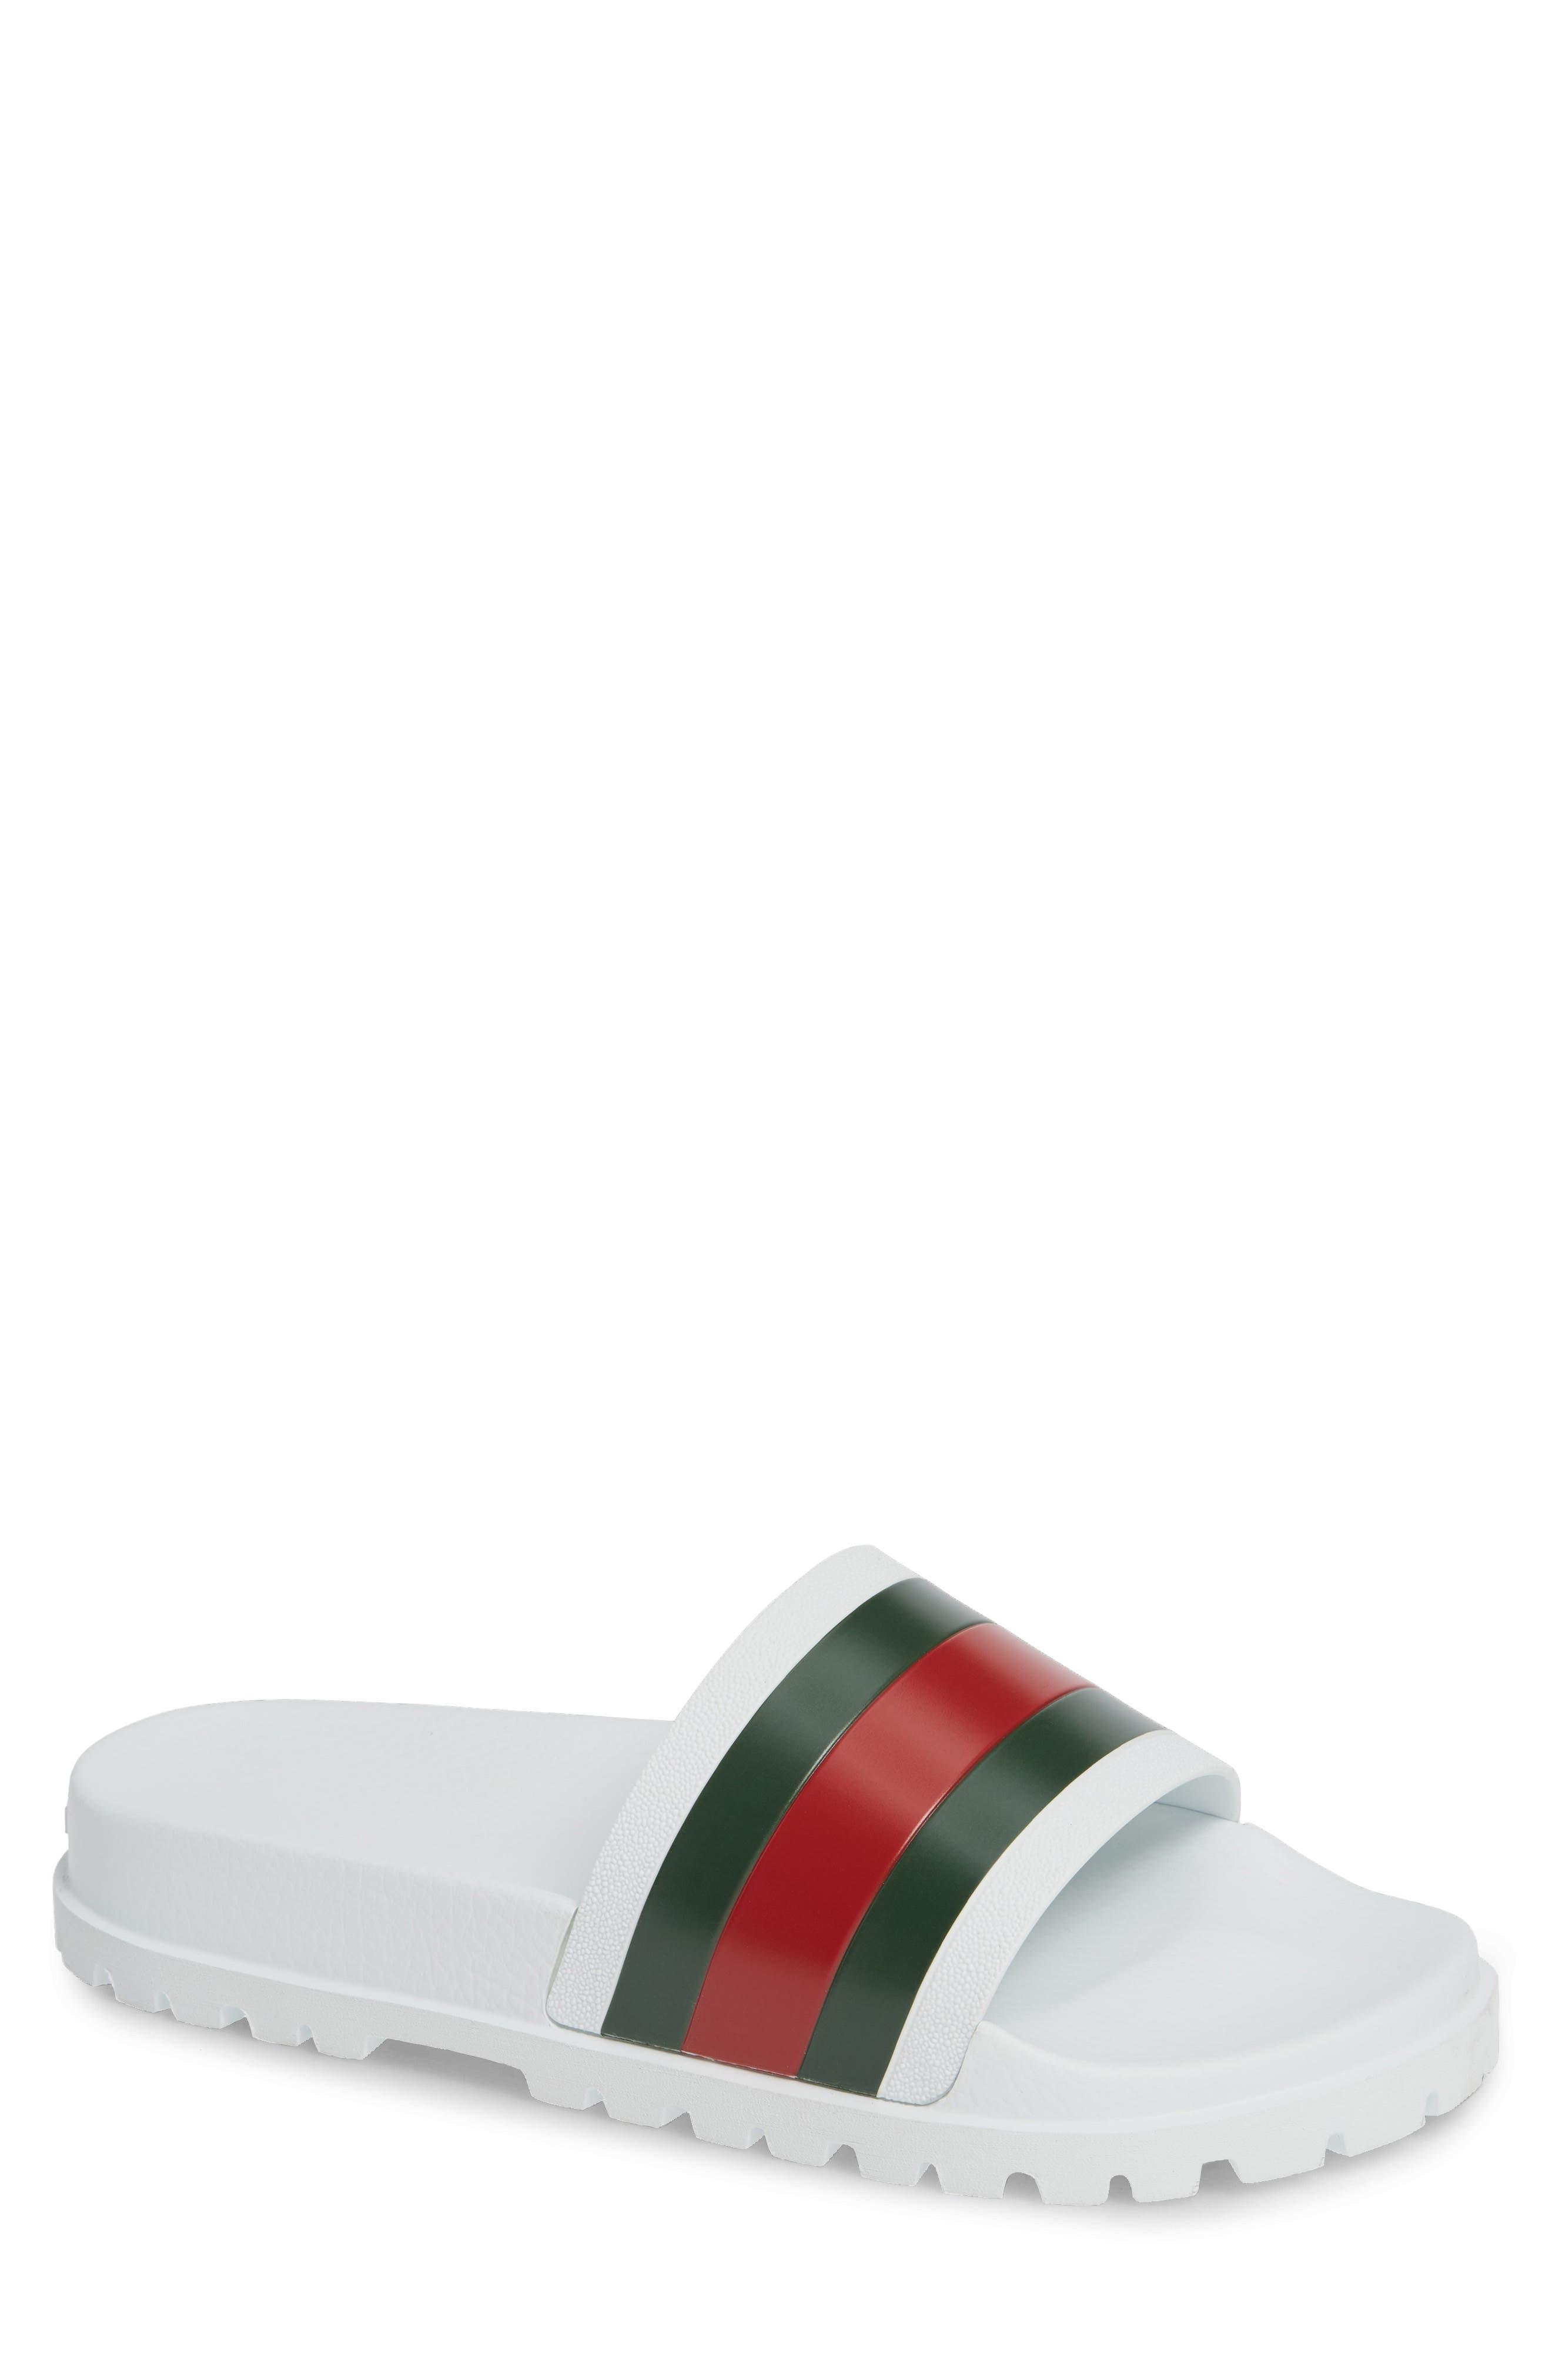 'Pursuit Treck' Slide Sandal,                             Main thumbnail 1, color,                             GREAT WHITE